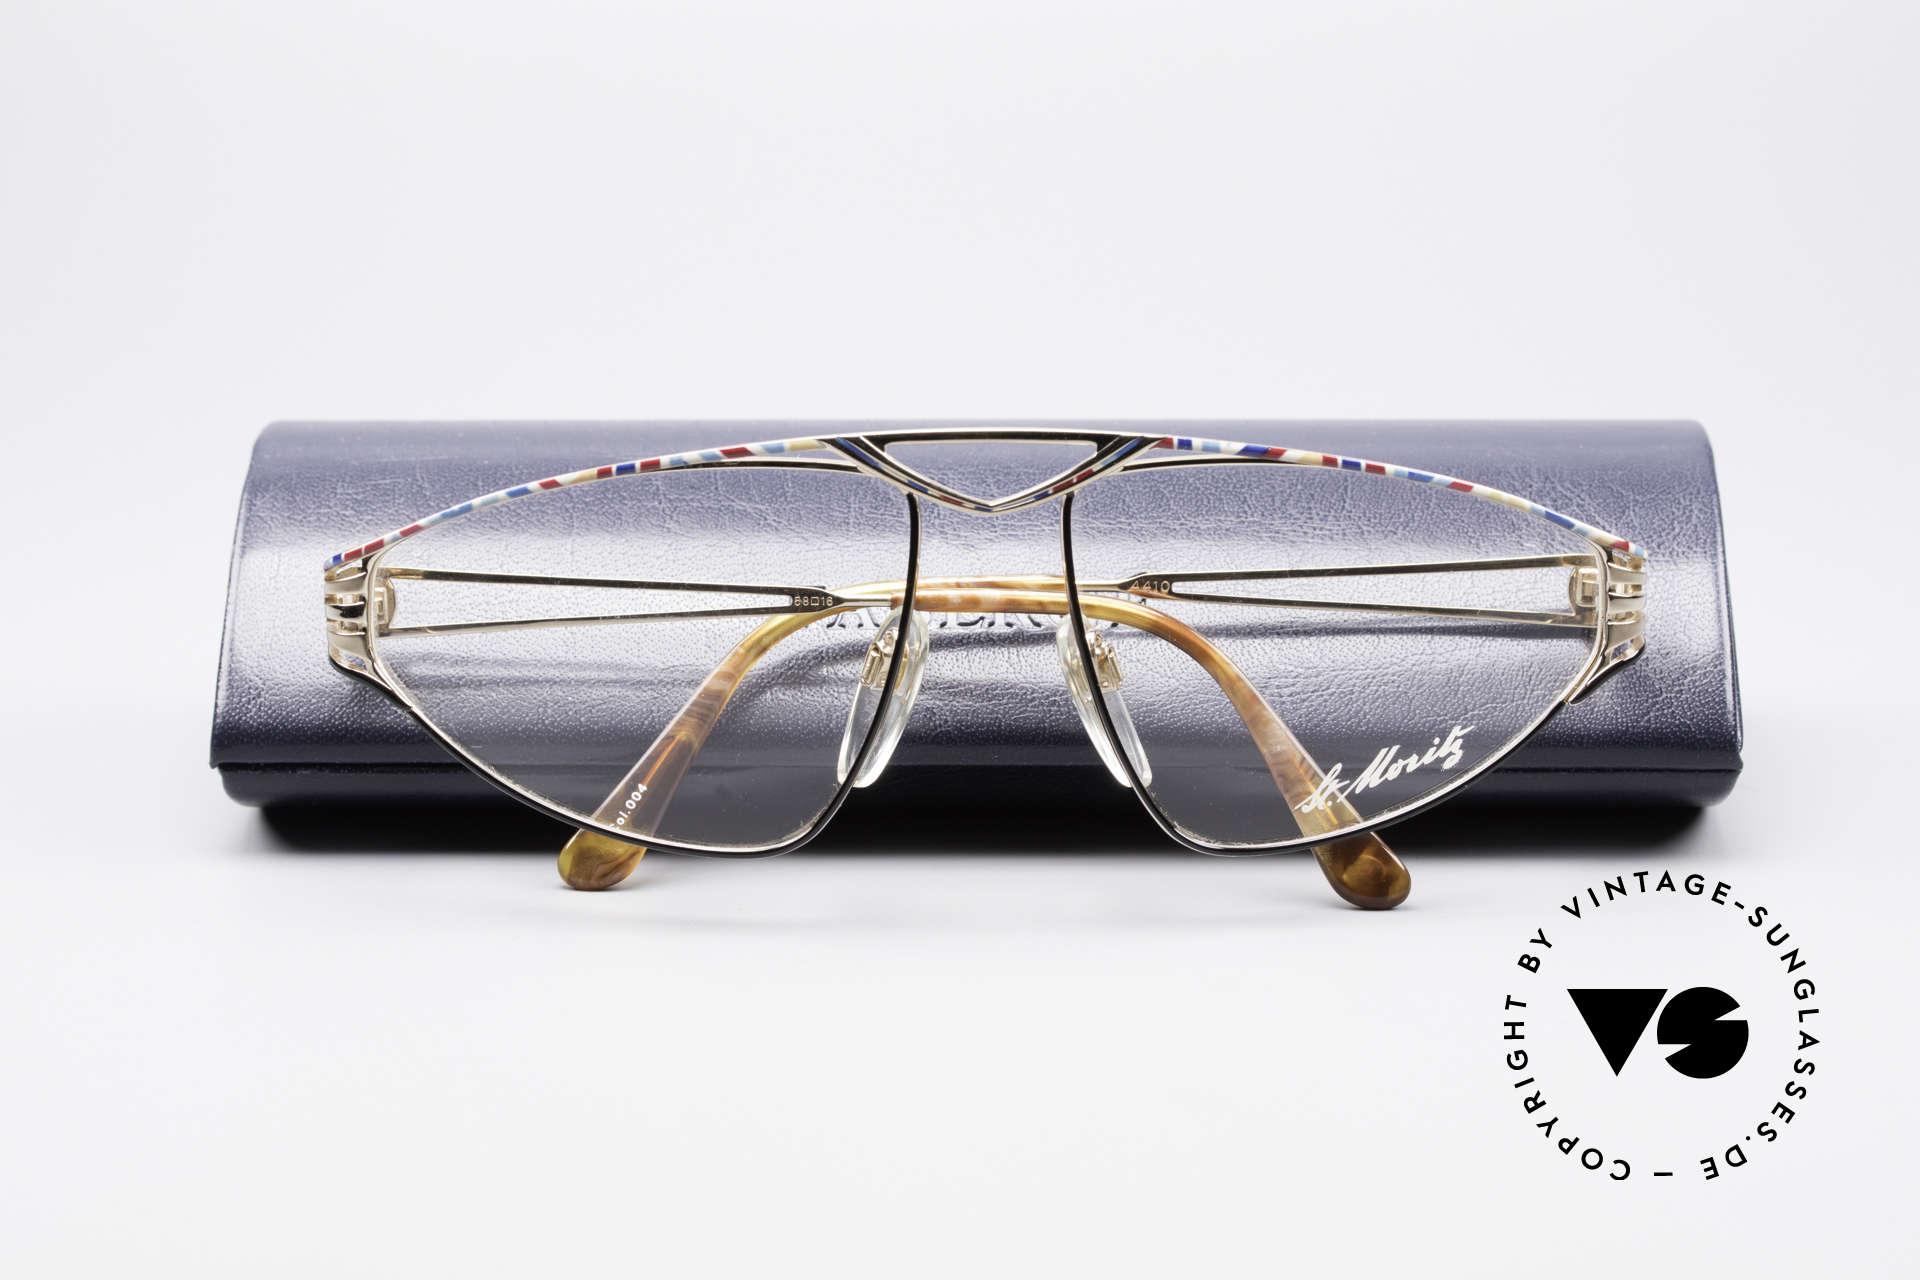 St. Moritz 4410 90's Luxury Eyeglasses, Size: medium, Made for Women